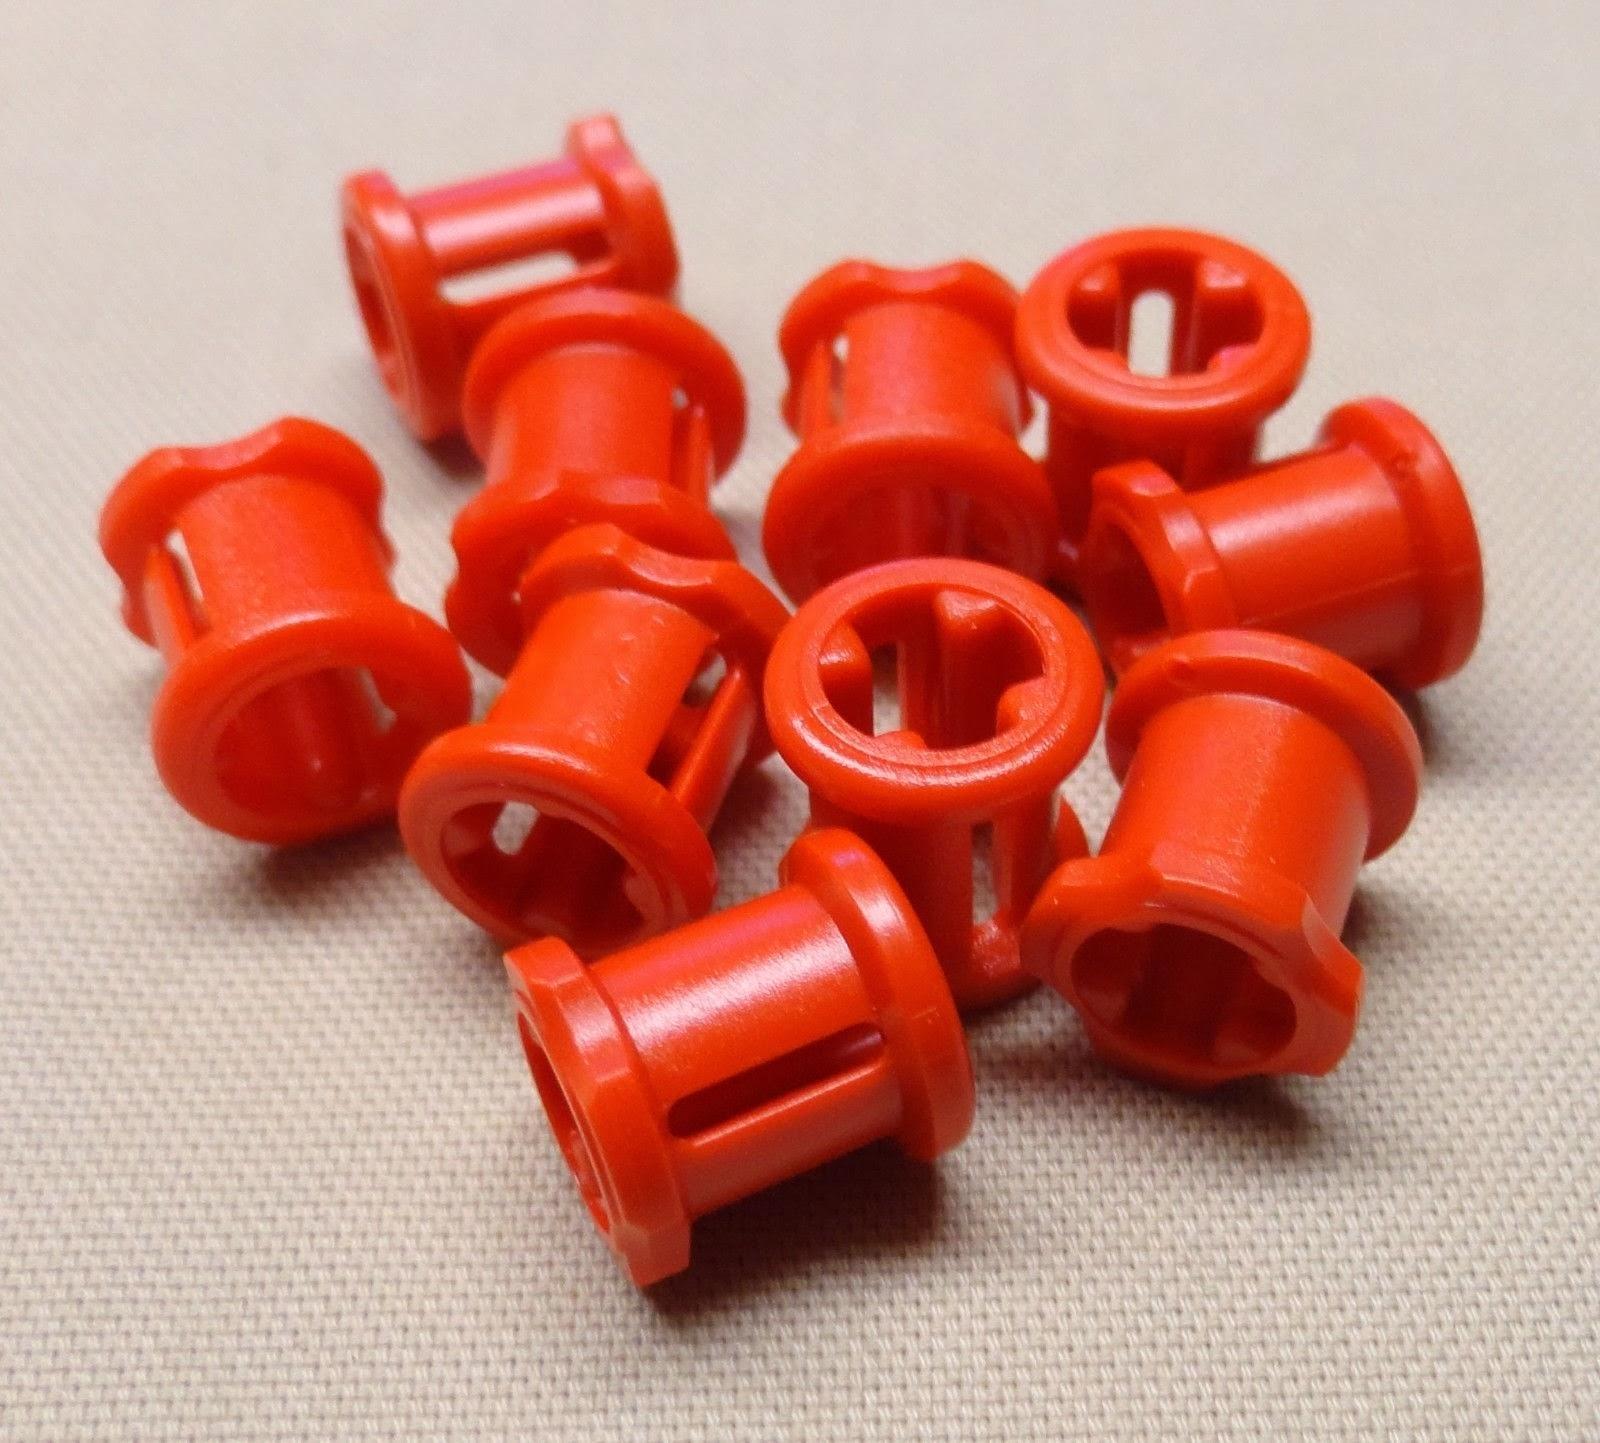 NEW x10 Lego Technic NXT Bushing Bush Red